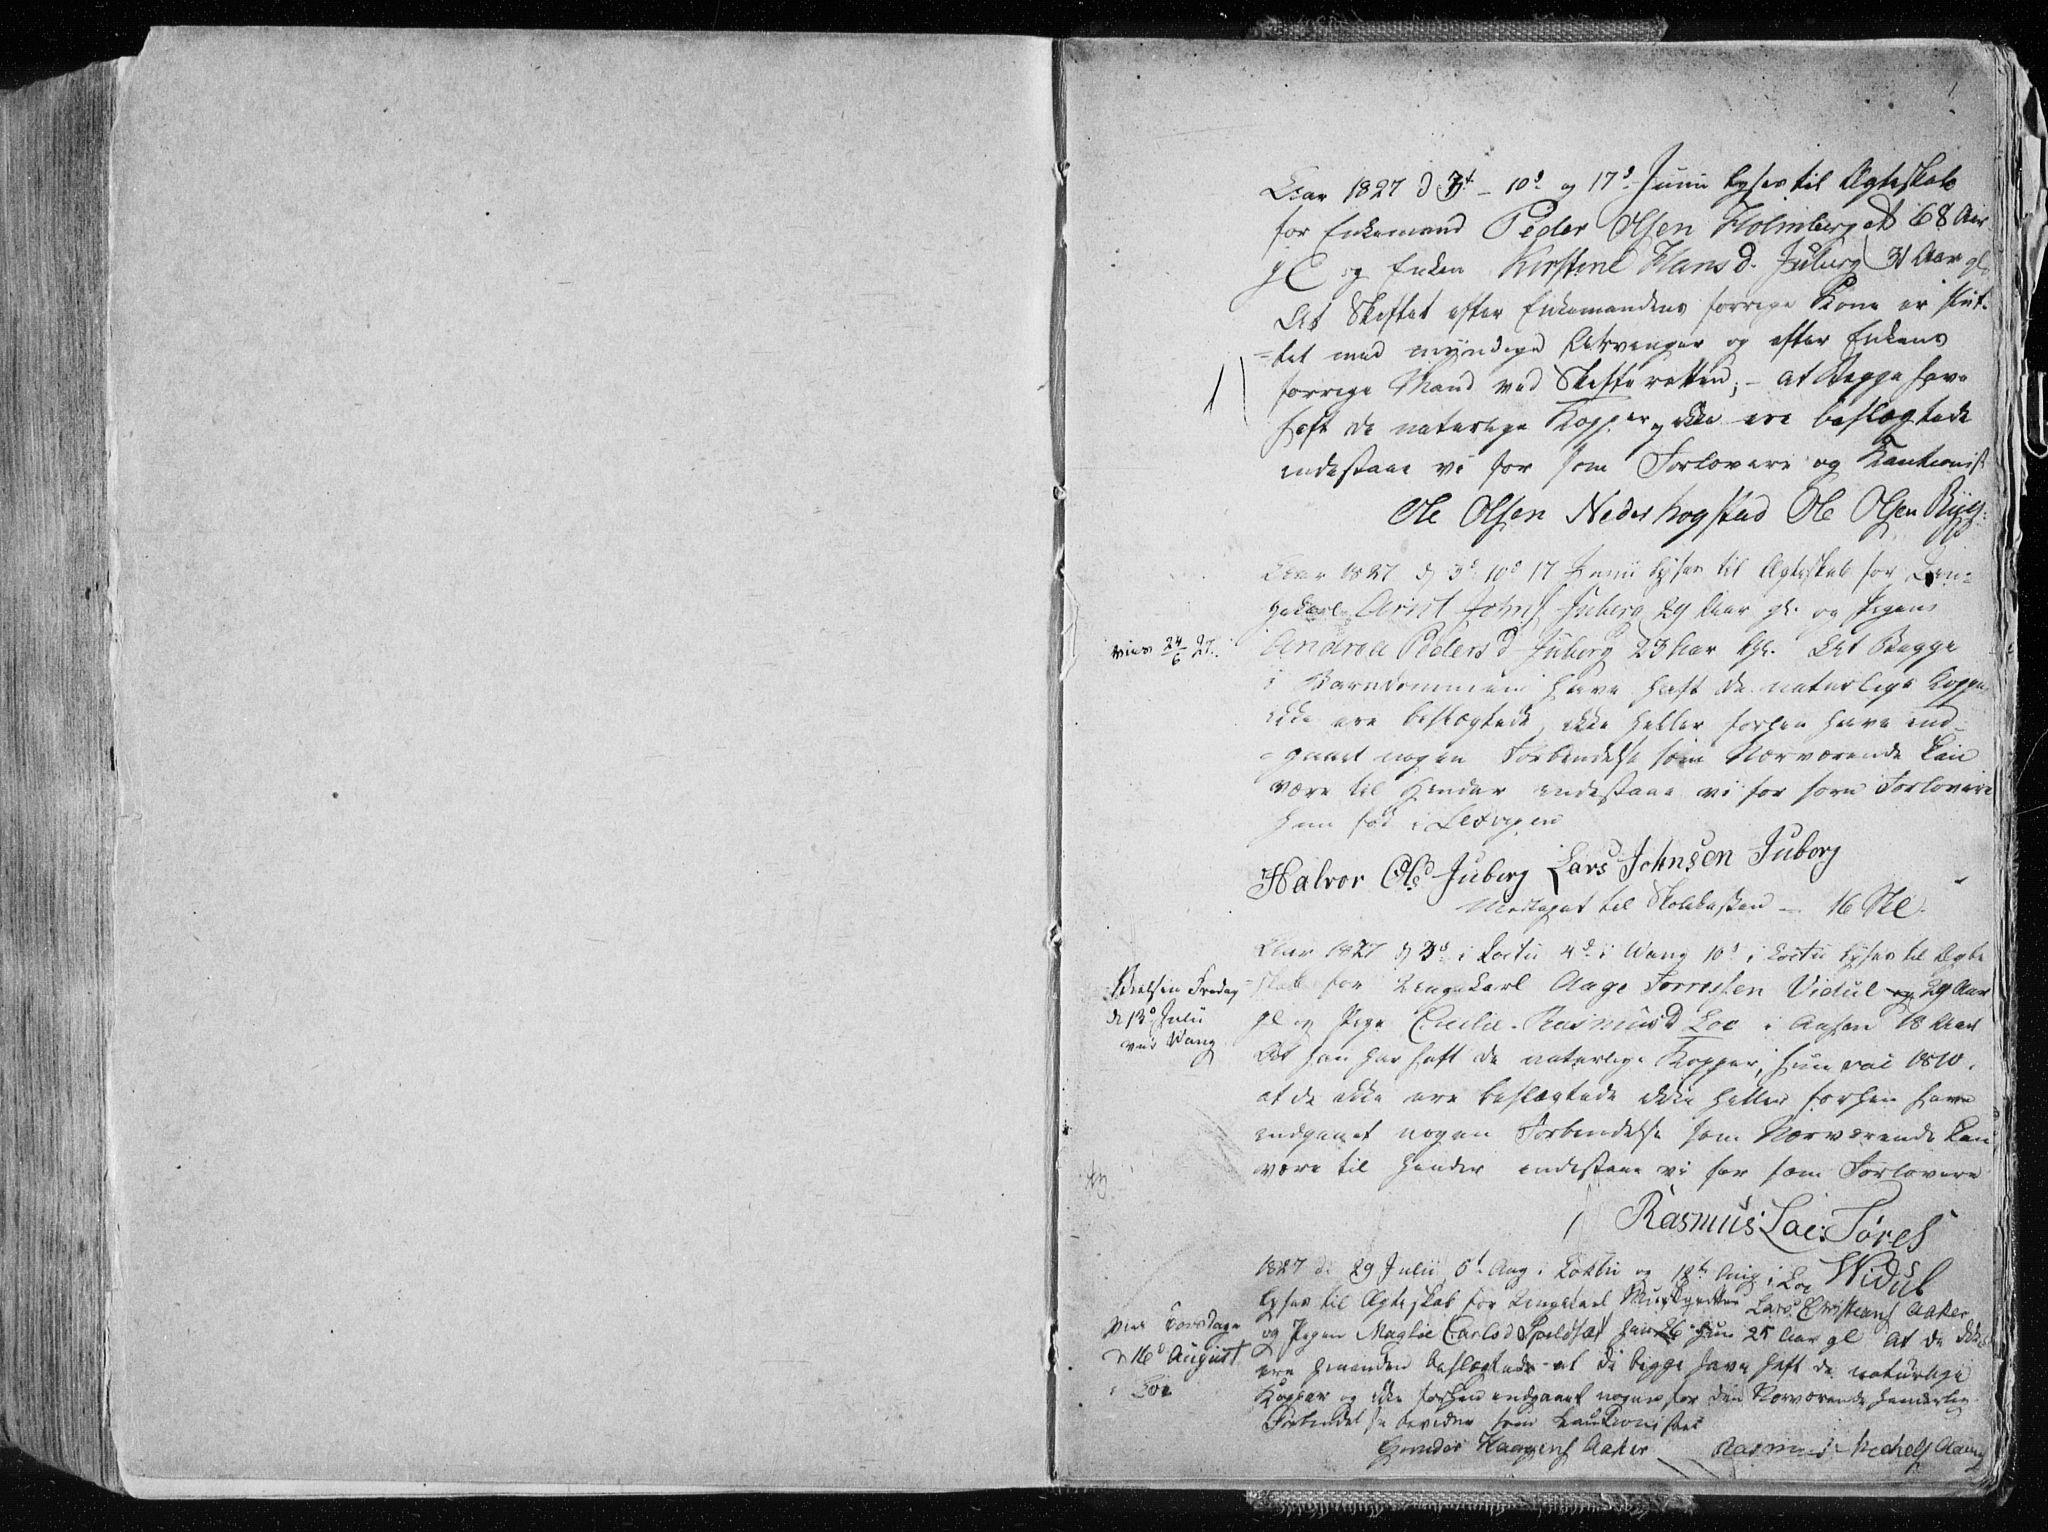 SAT, Ministerialprotokoller, klokkerbøker og fødselsregistre - Nord-Trøndelag, 713/L0114: Ministerialbok nr. 713A05, 1827-1839, s. 1